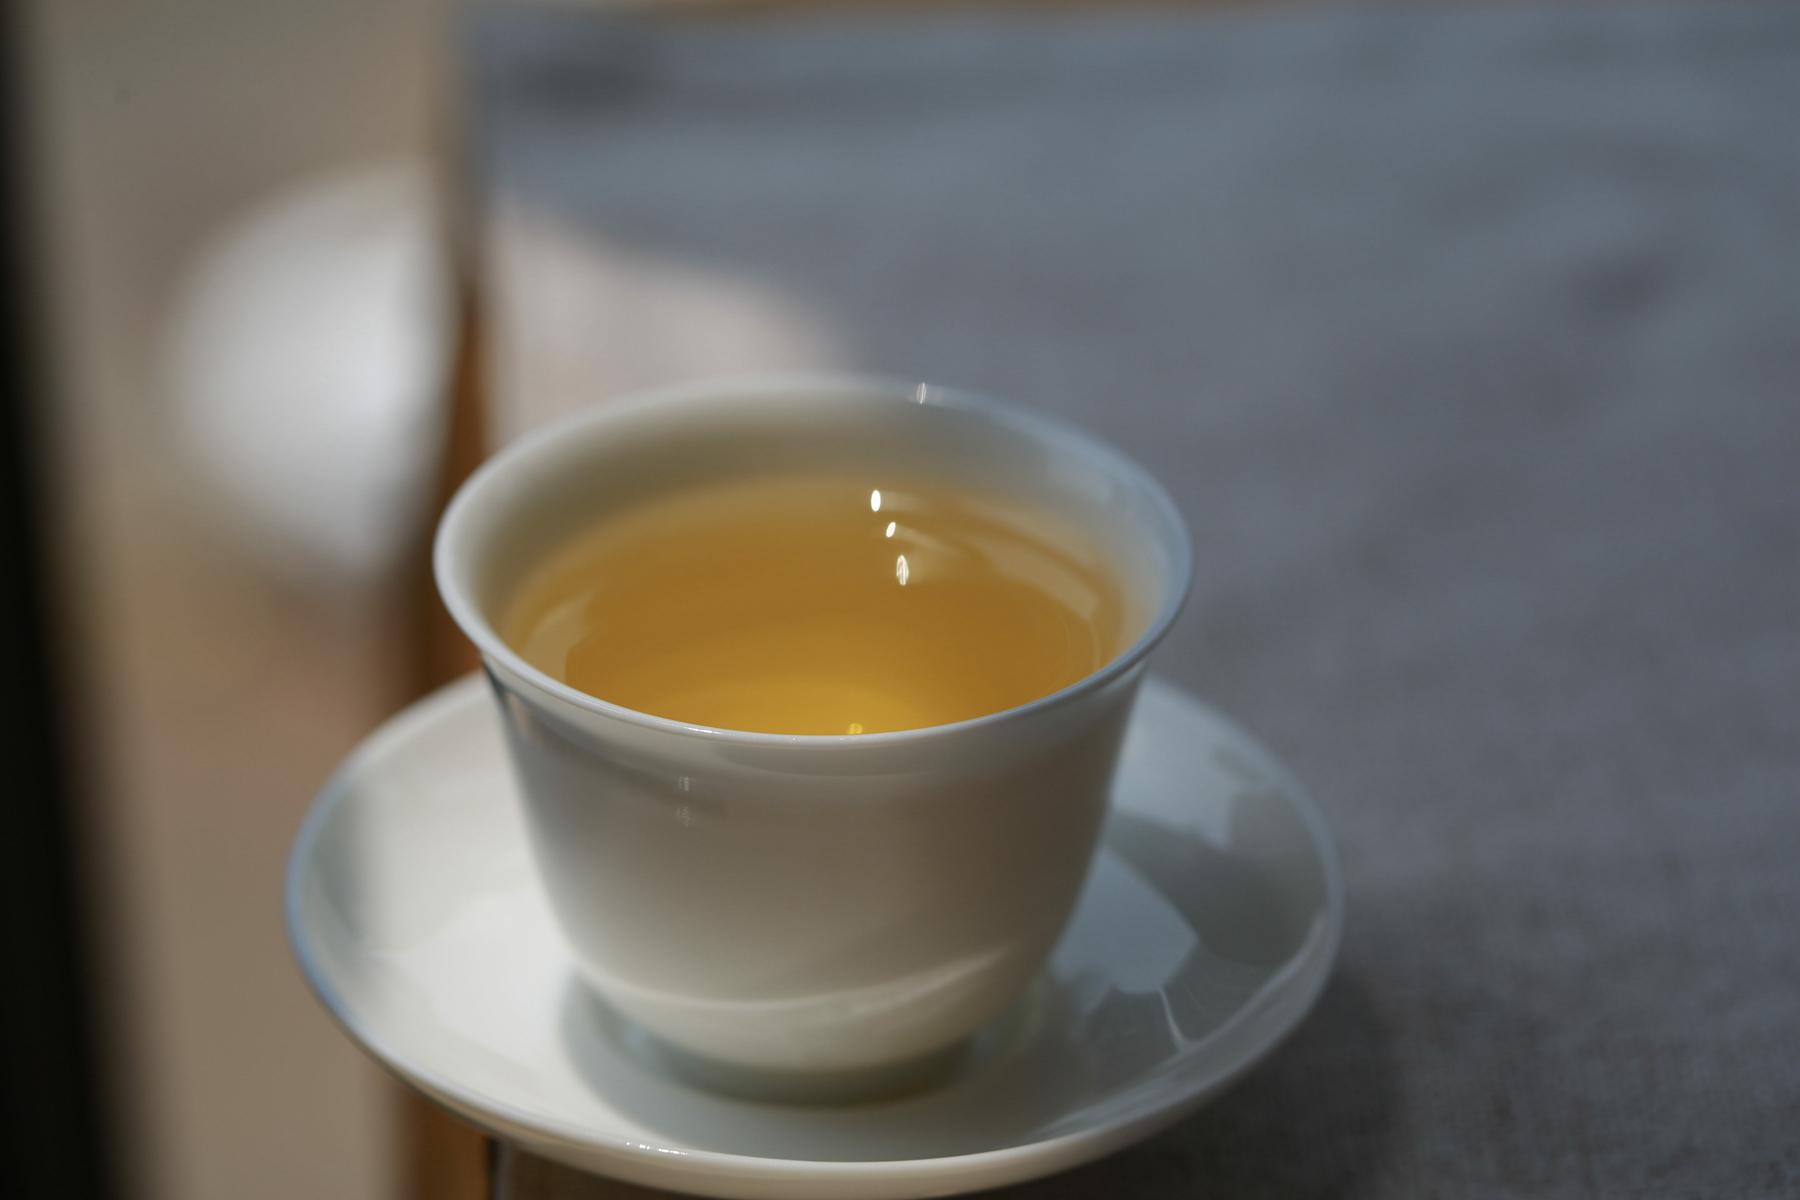 普洱茶吧春畅铜箐河春茶 (6).jpg